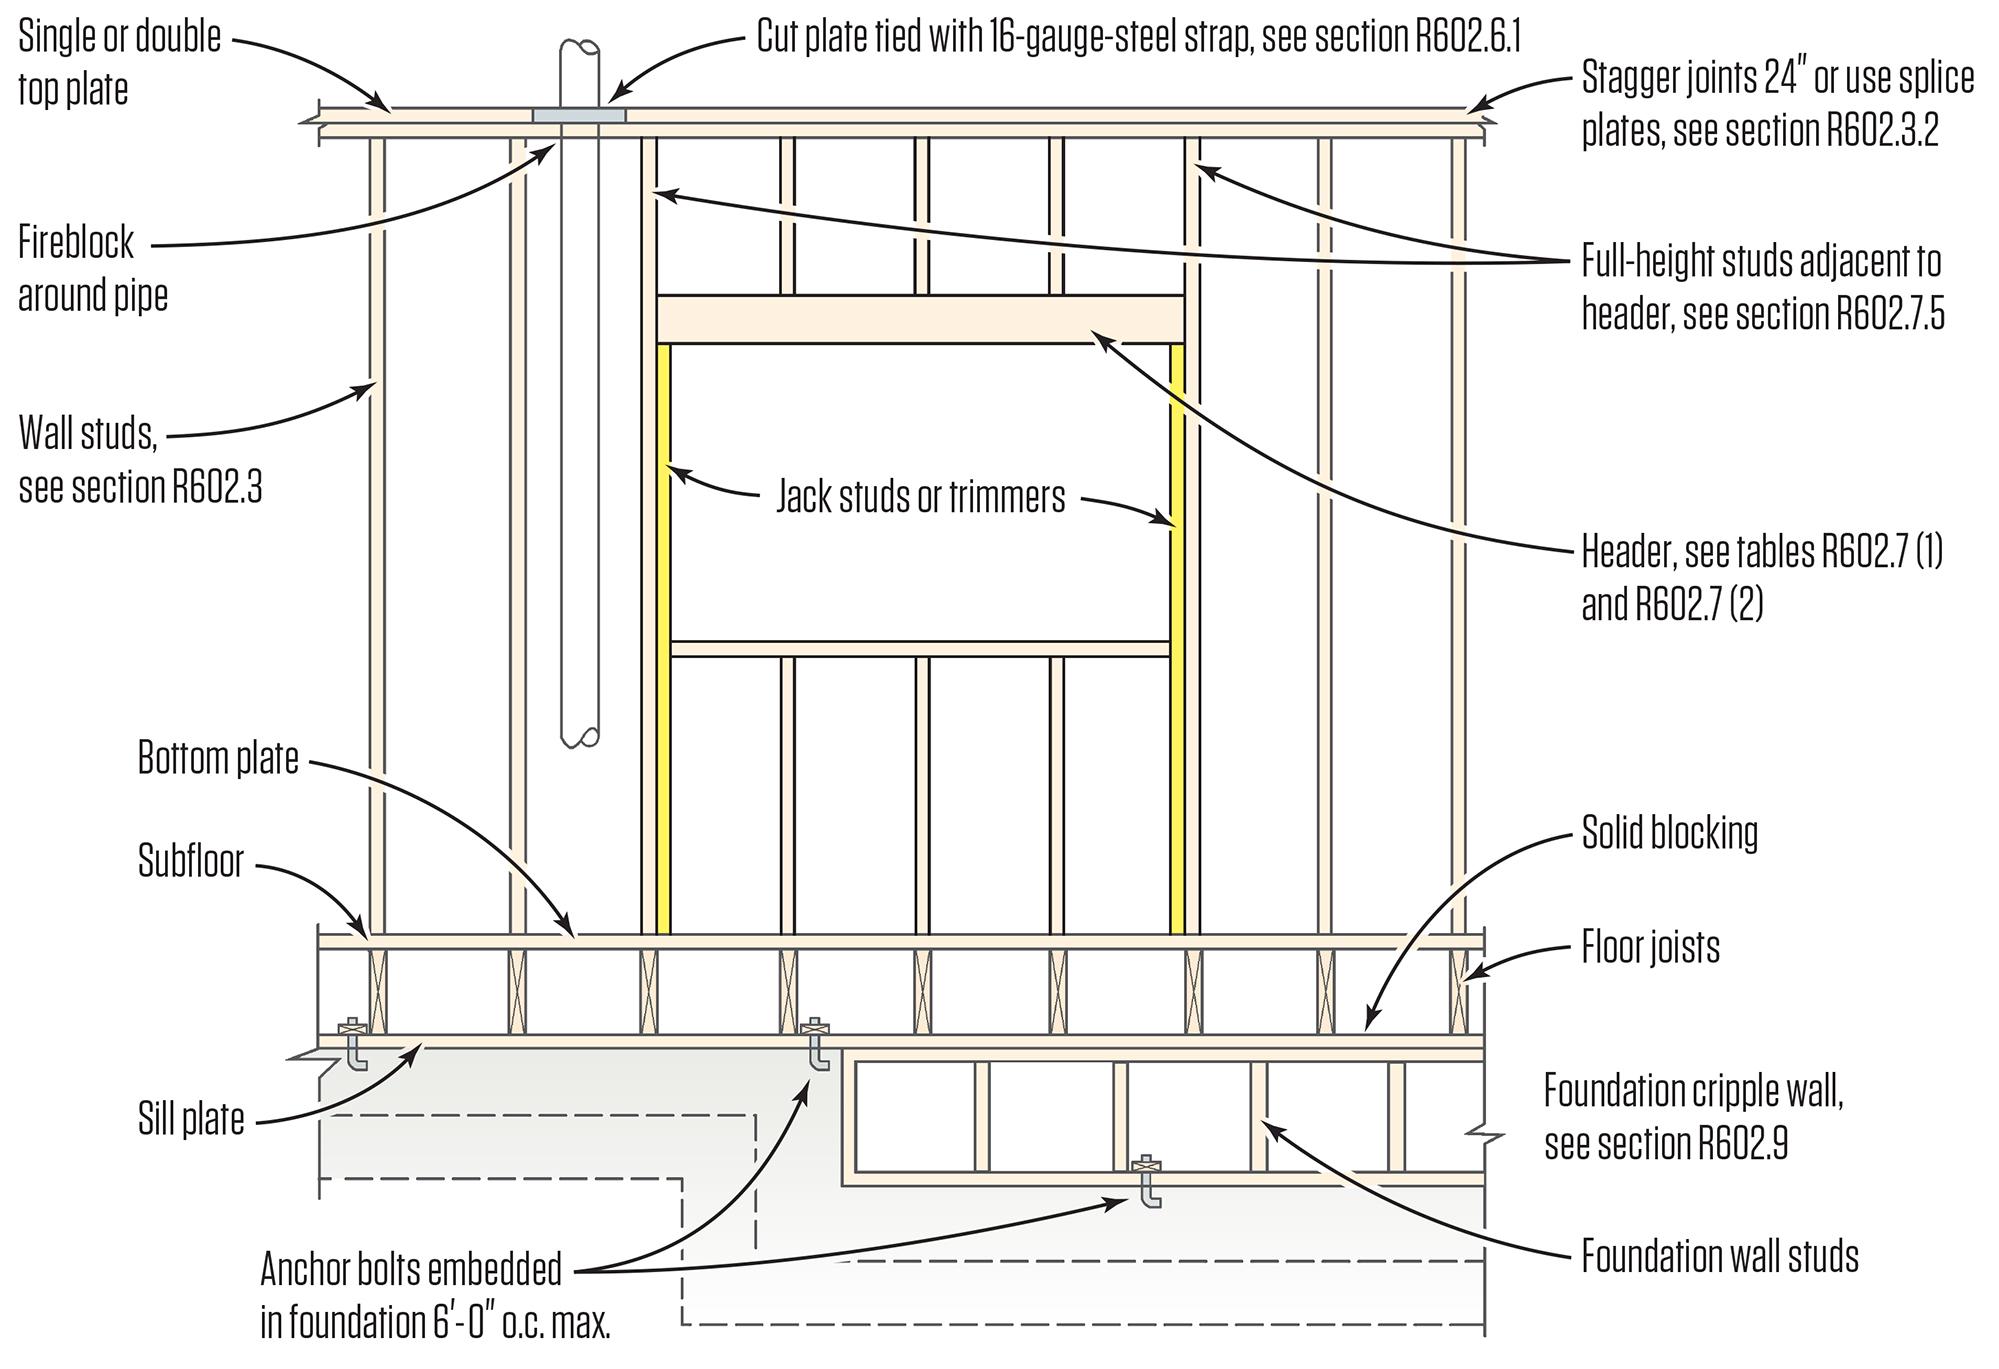 Split jacks jlc online framing walls structure for Florida building code interior walls